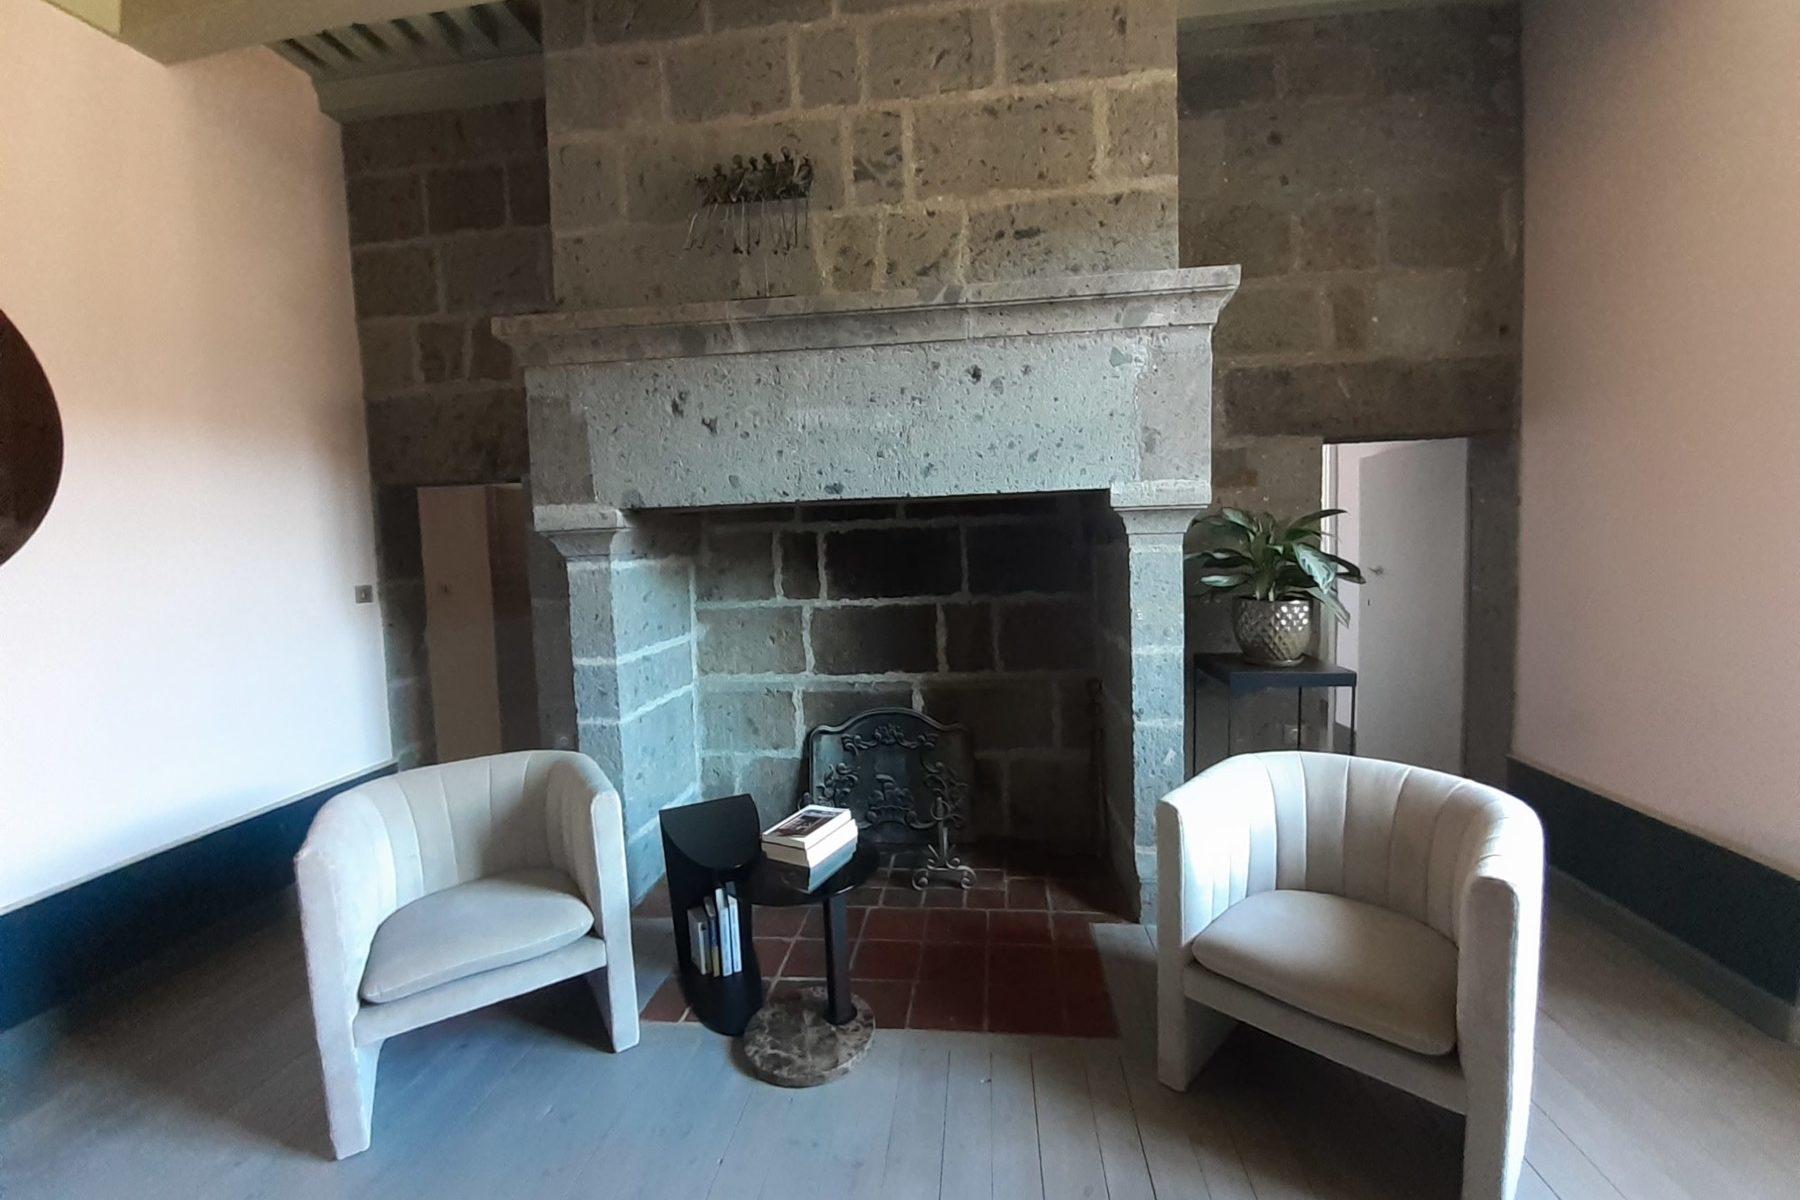 La suite Grande Cheminée de la Maison du Chevalier des Huttes, chambres et table d'hôtes à Vic sur Cère (Auvergne, Cantal, France) allie l'élégance au confort et à la fonctionnalité.